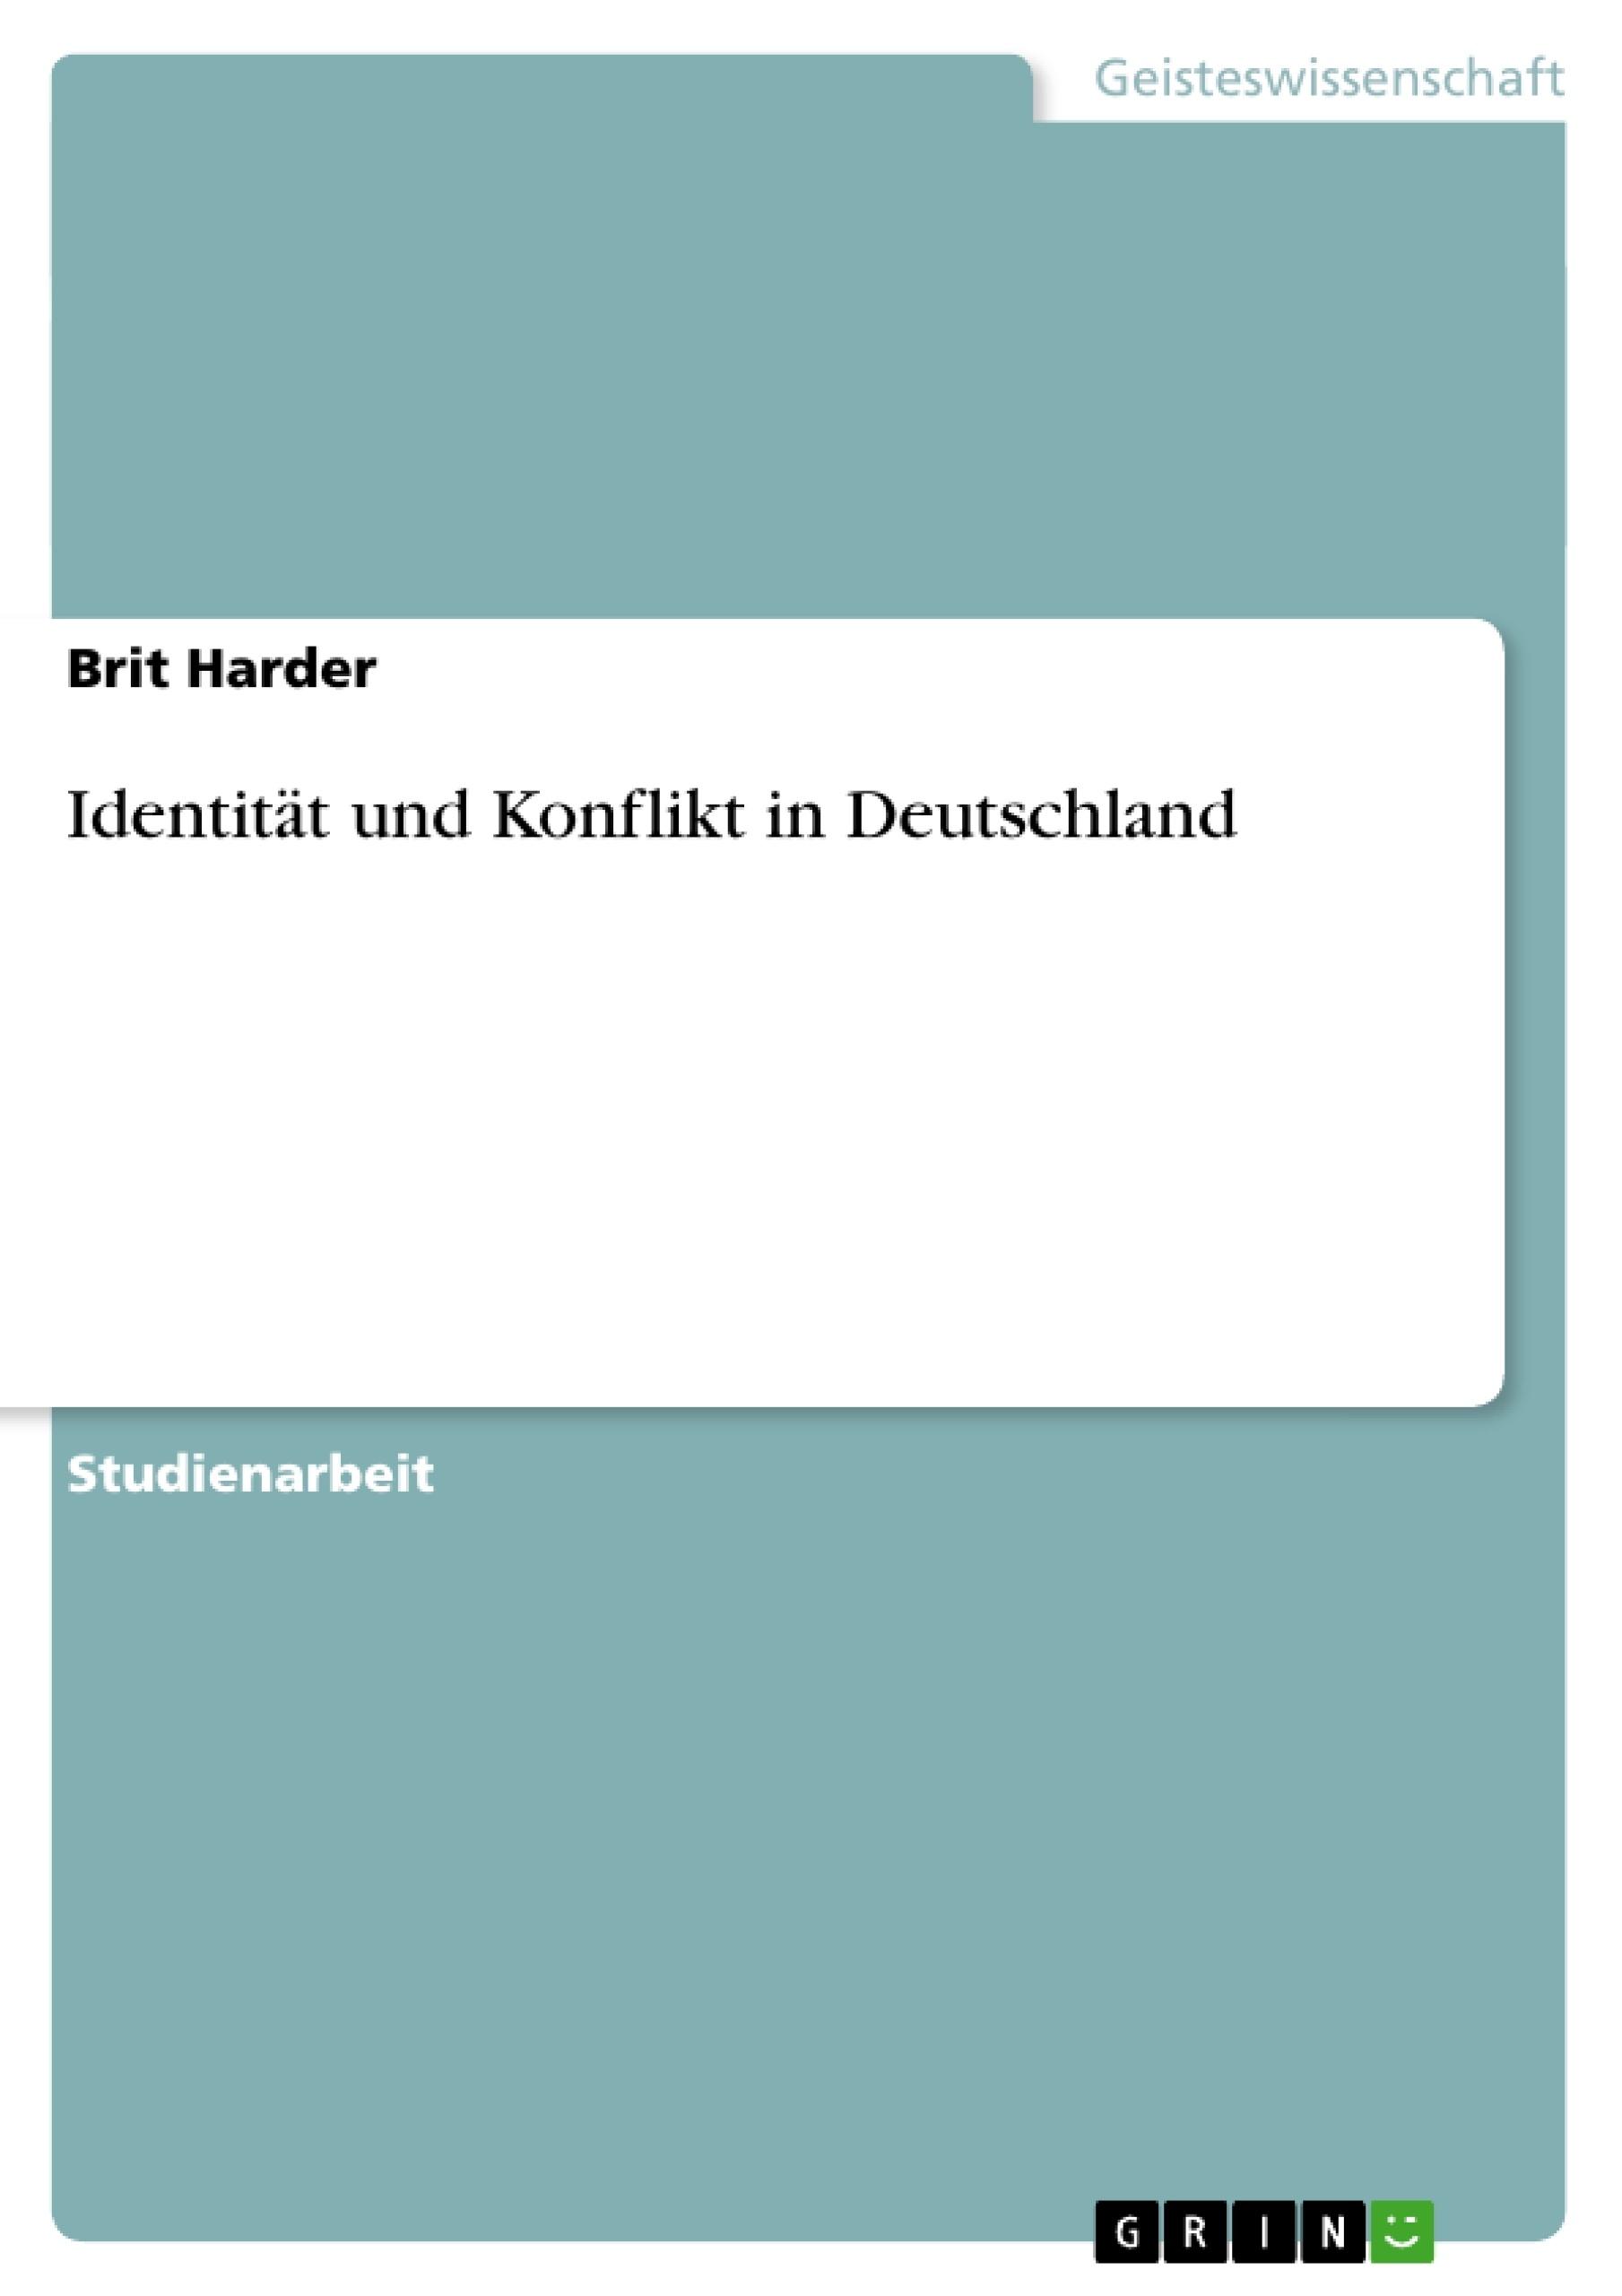 Titel: Identität und Konflikt in Deutschland